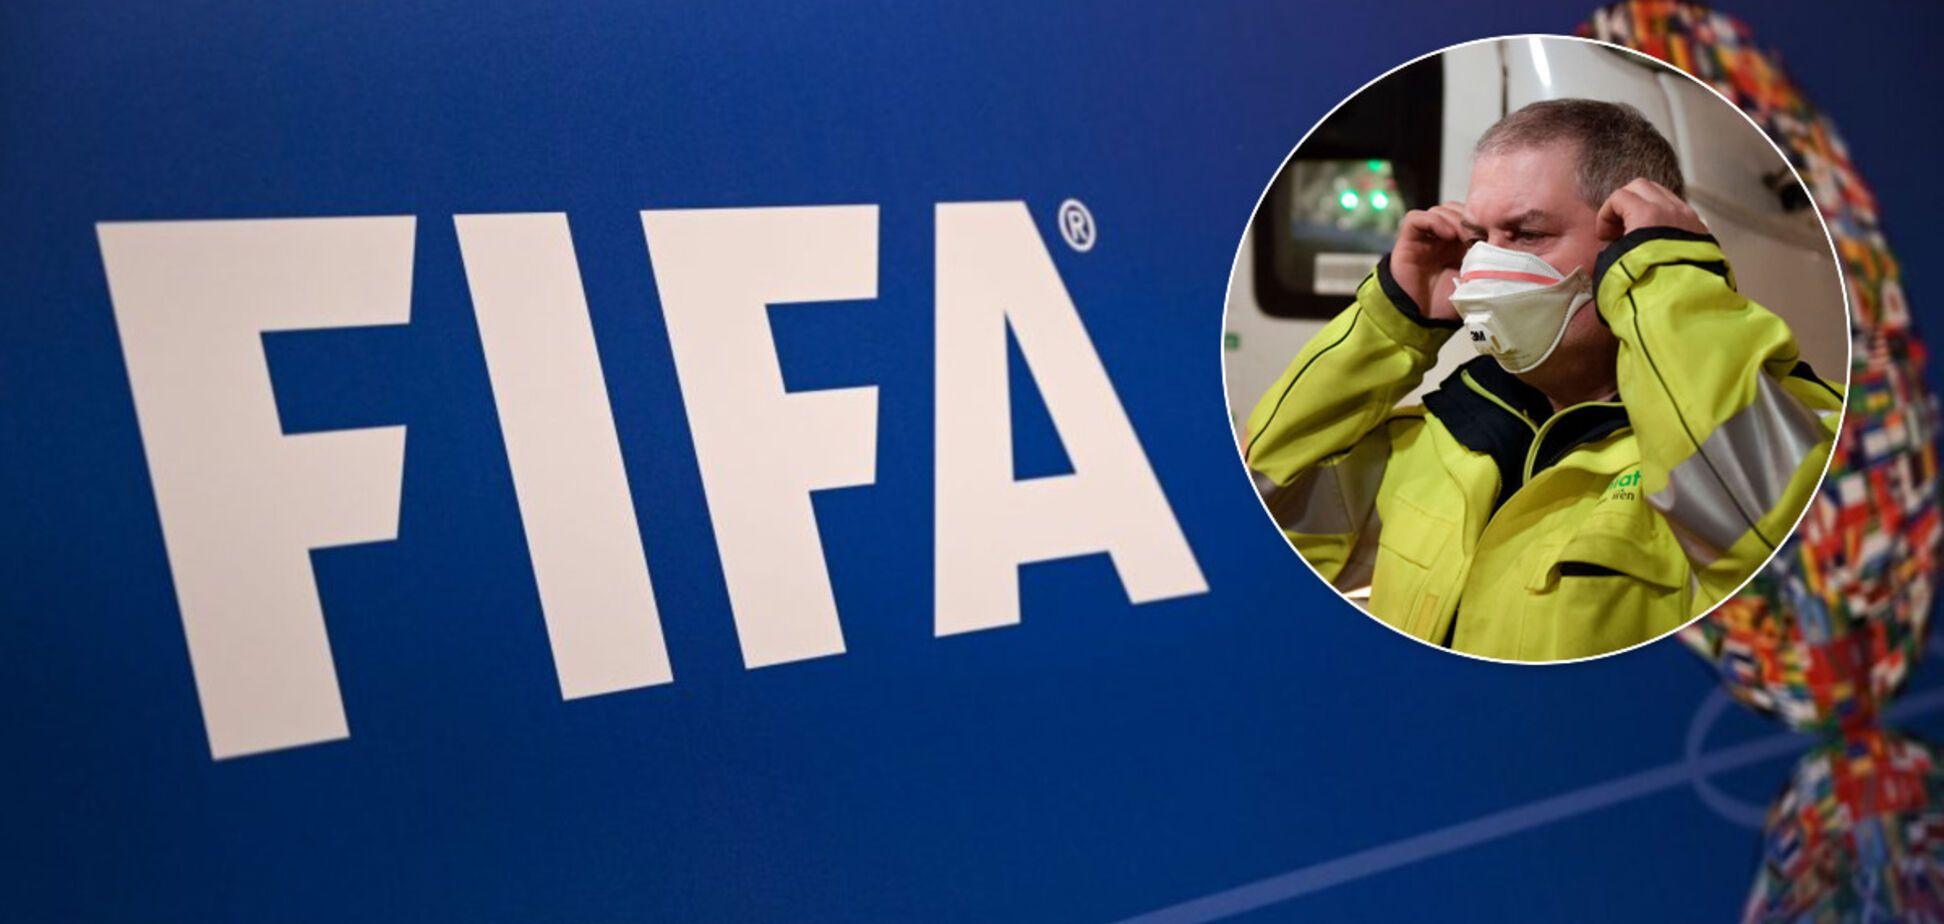 ФІФА ухвалила екстрене рішення через коронавiрус